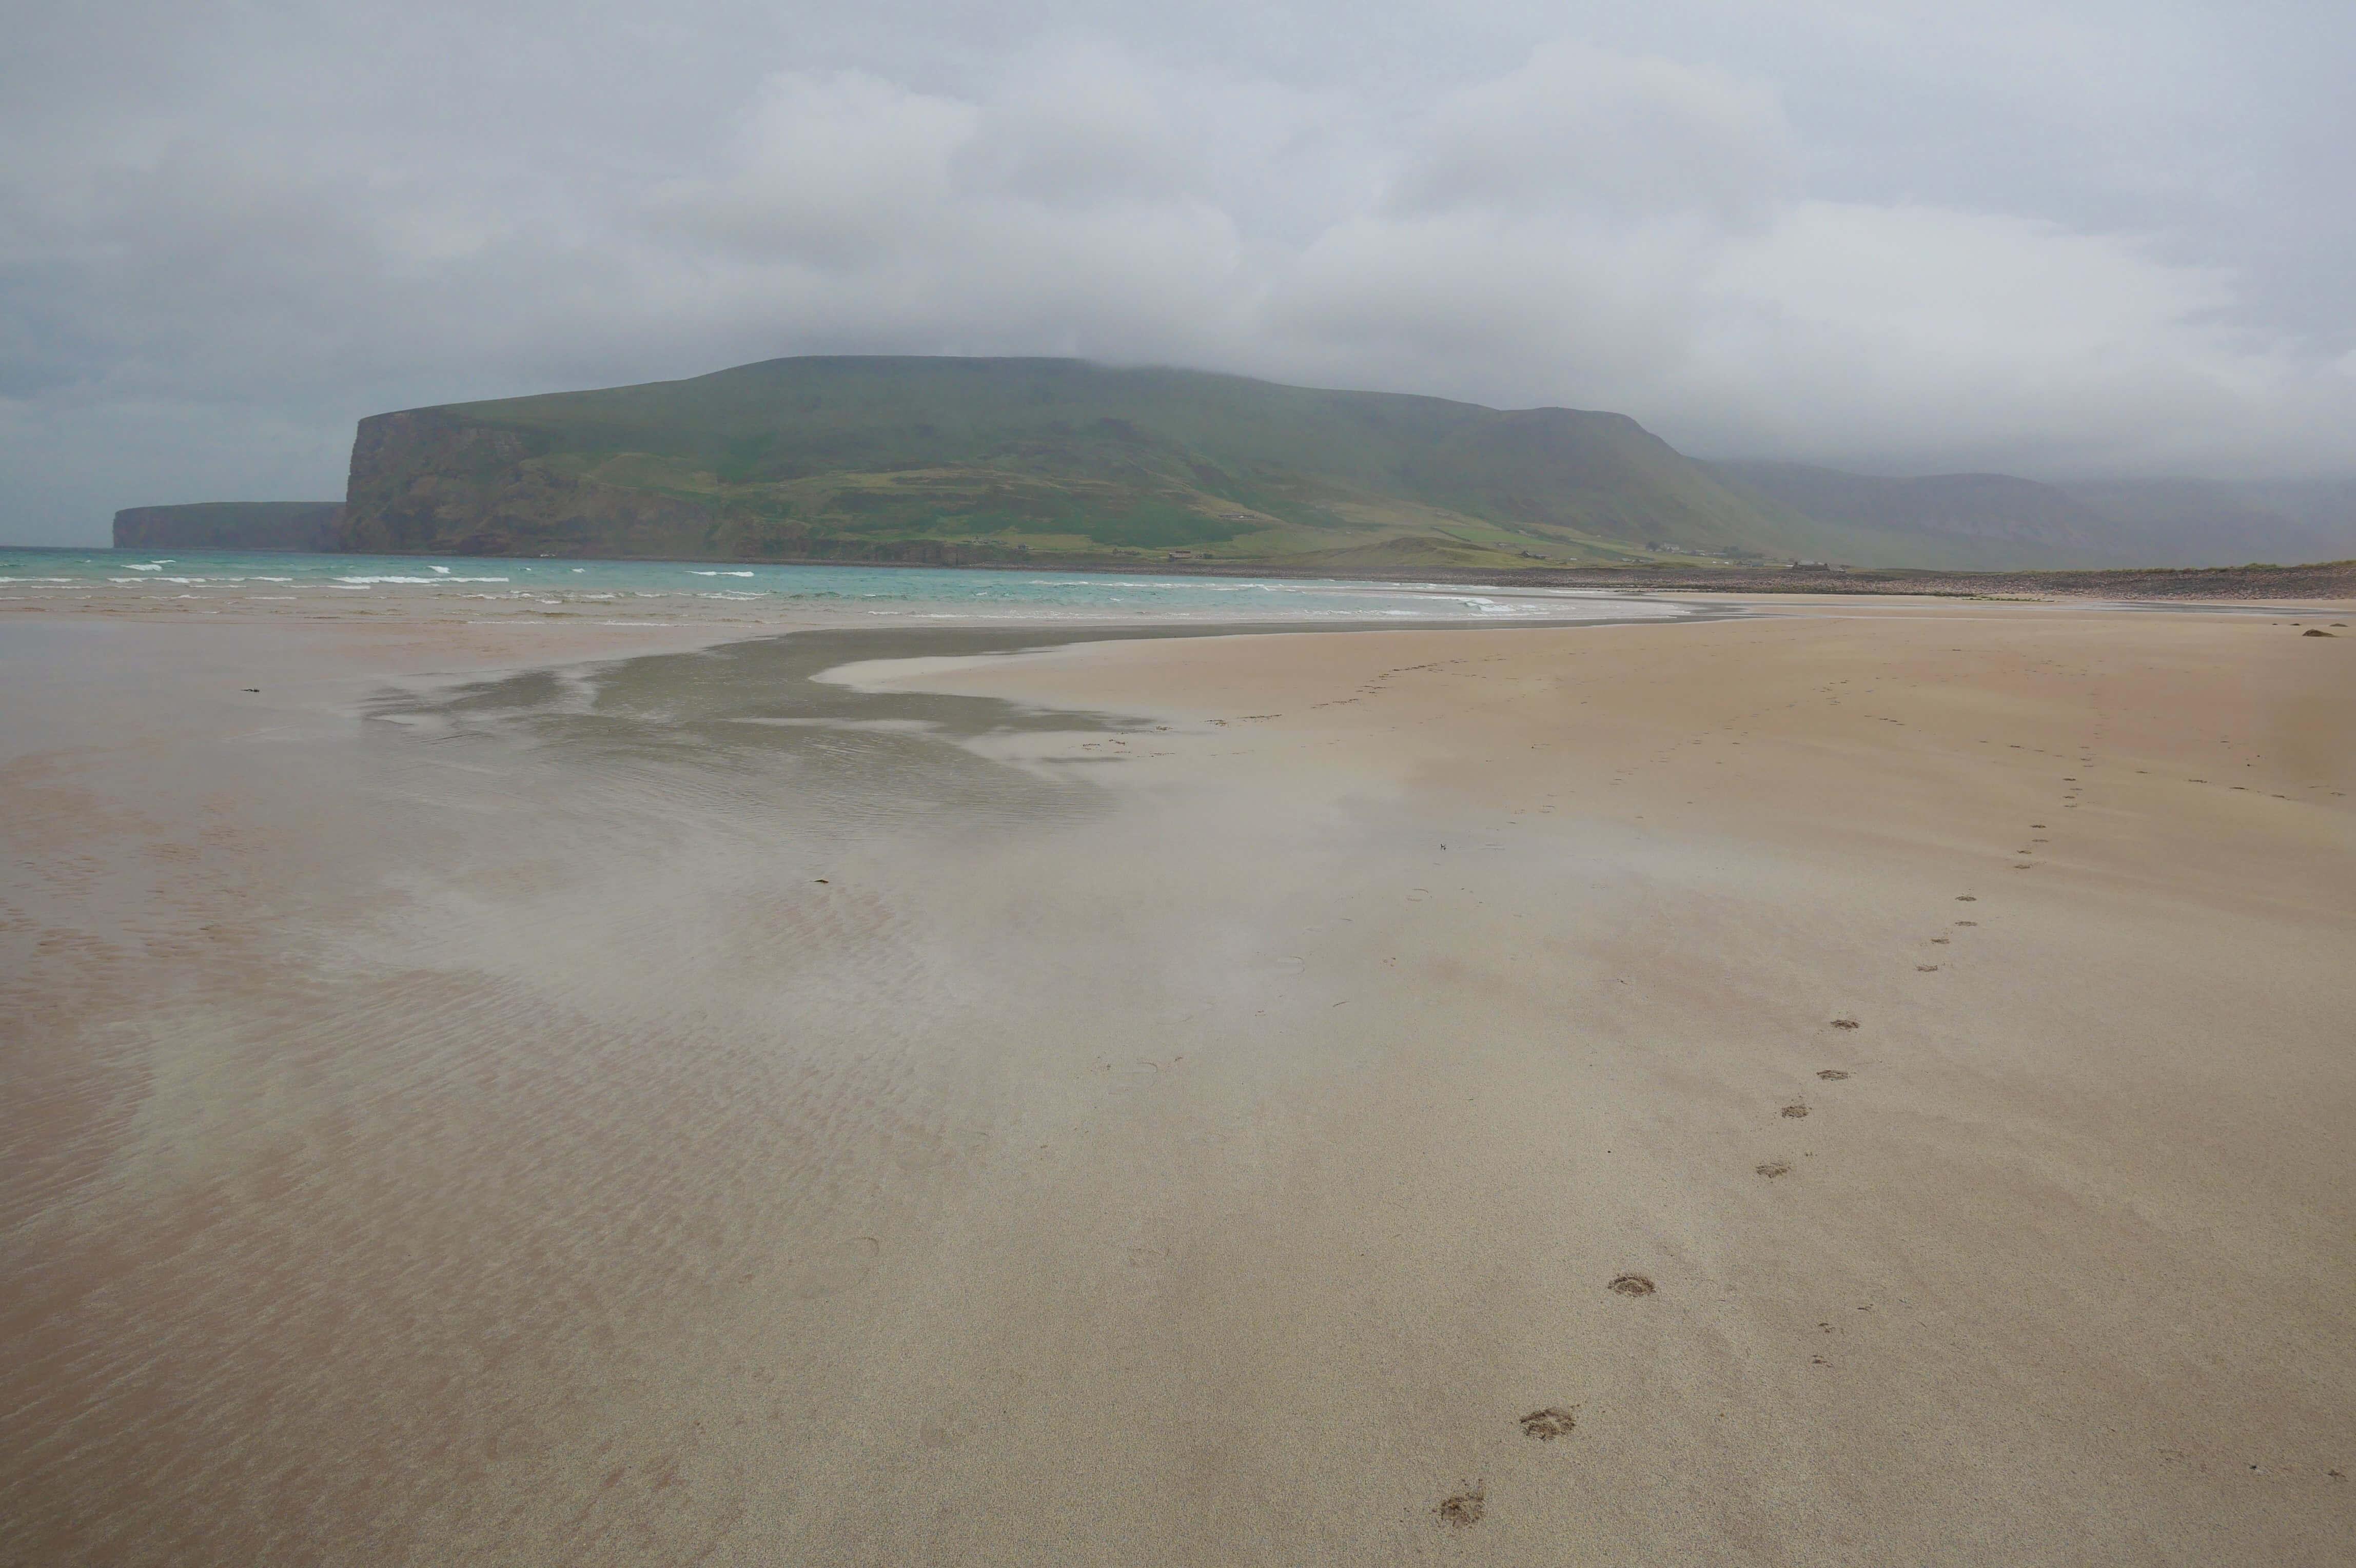 Rackwick Beach, island of Hoy, Orkney Islands, Scotland, UK